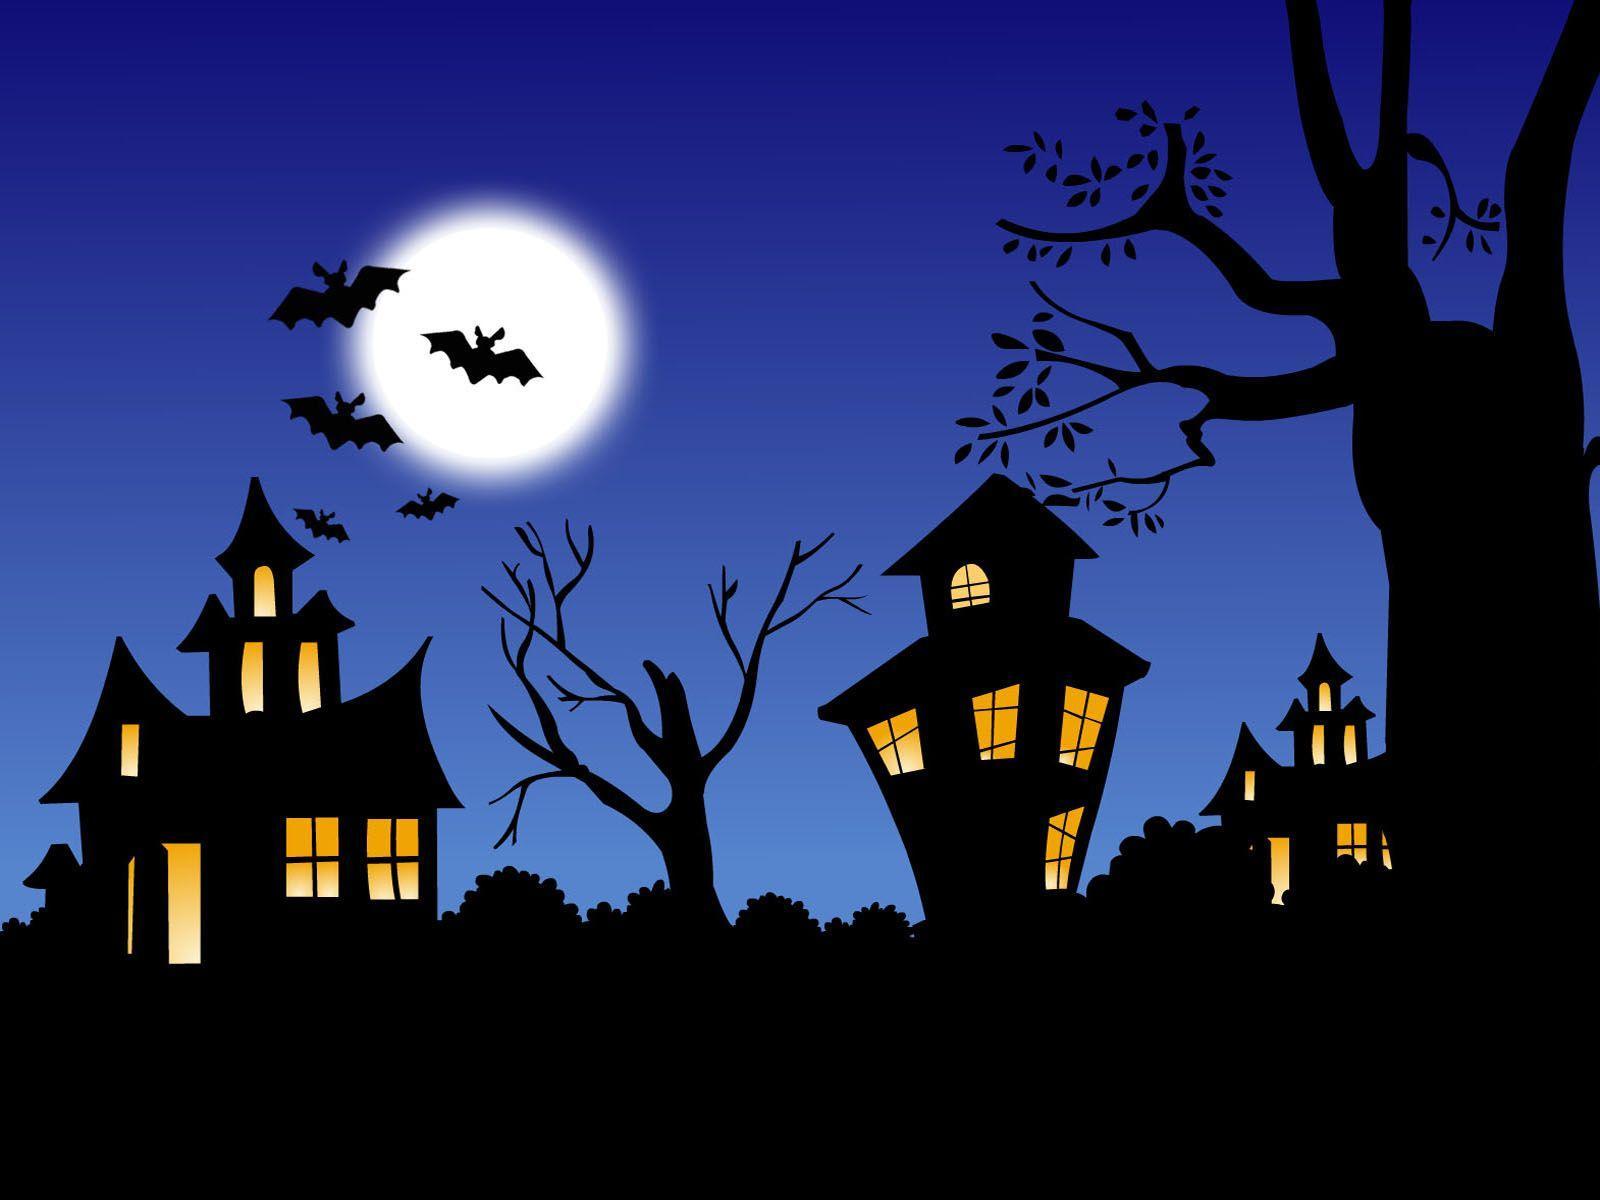 Free Halloween Desktop Wallpapers - Wallpaper Cave